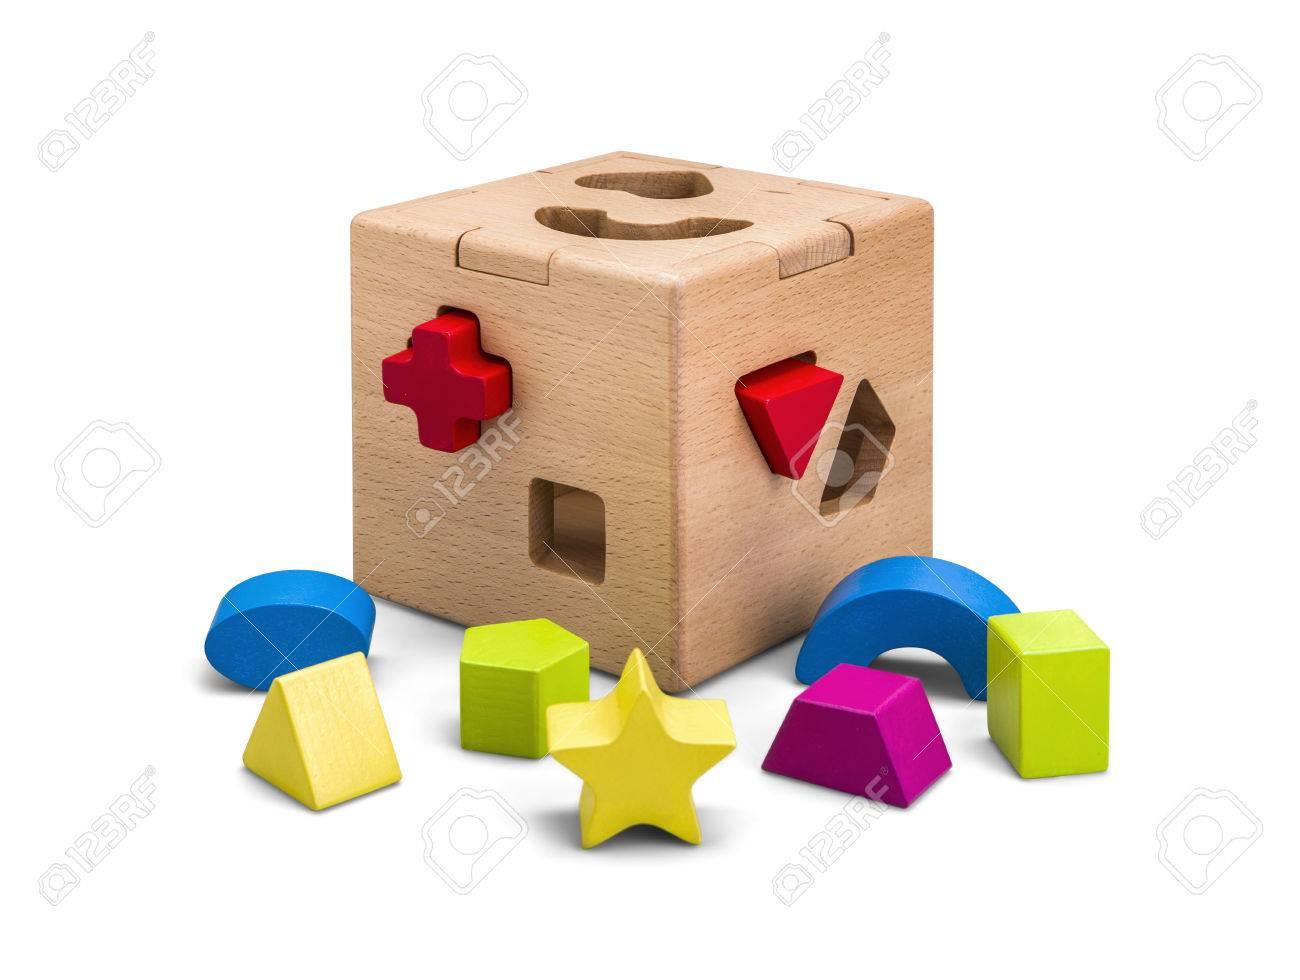 Houten puzzel doos speelgoed met kleurrijke blokken geïsoleerd op wit met  uitknippad